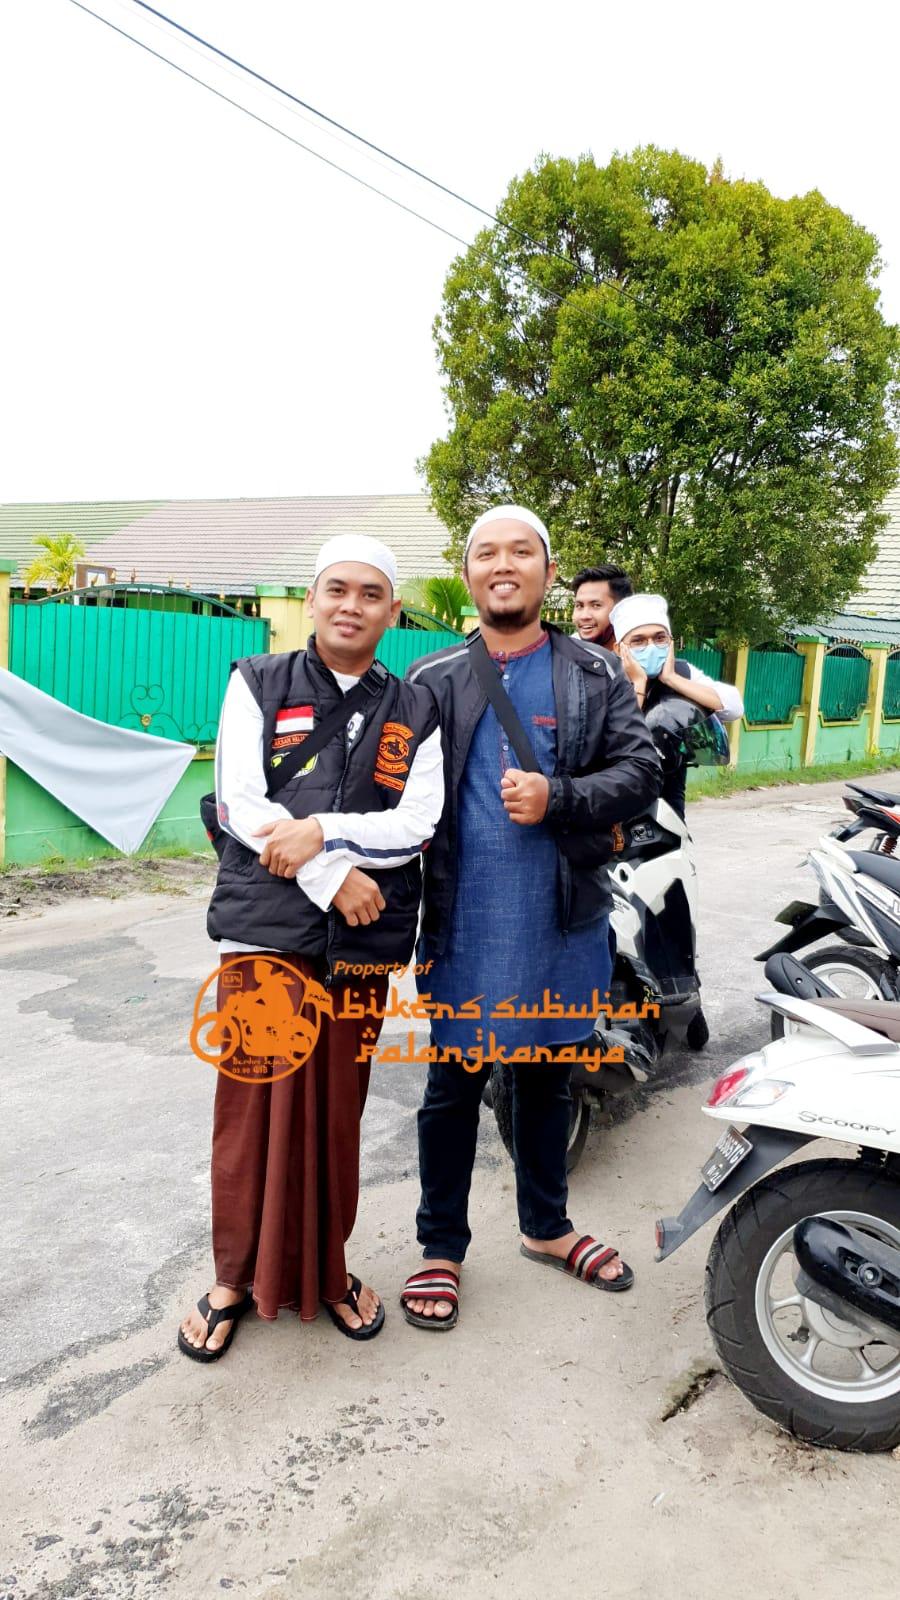 bikers subuhan Palangkaraya